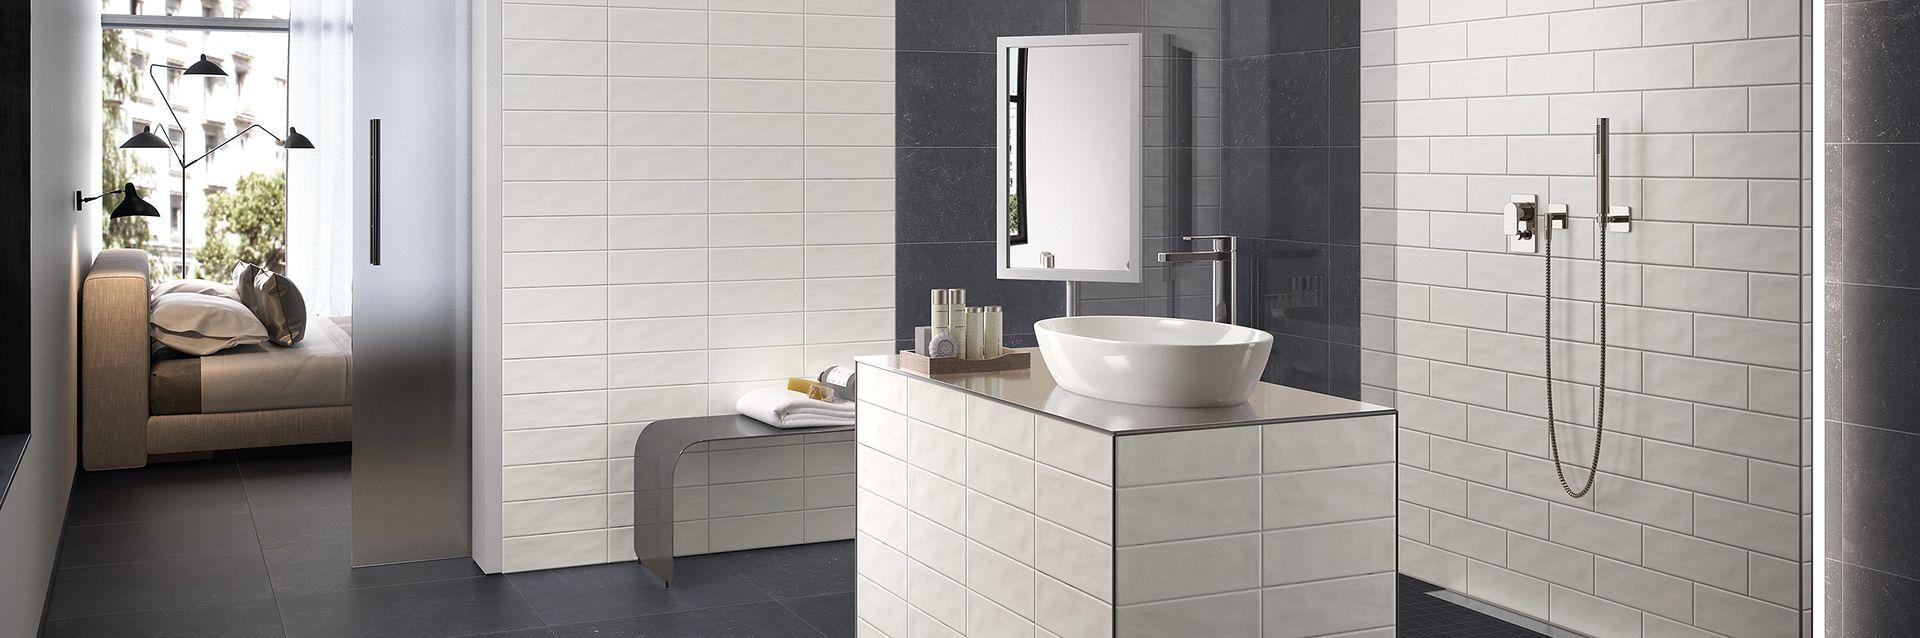 Wandtegels voor de badkamer bekijk de mogelijkheden for Wandtegels badkamer